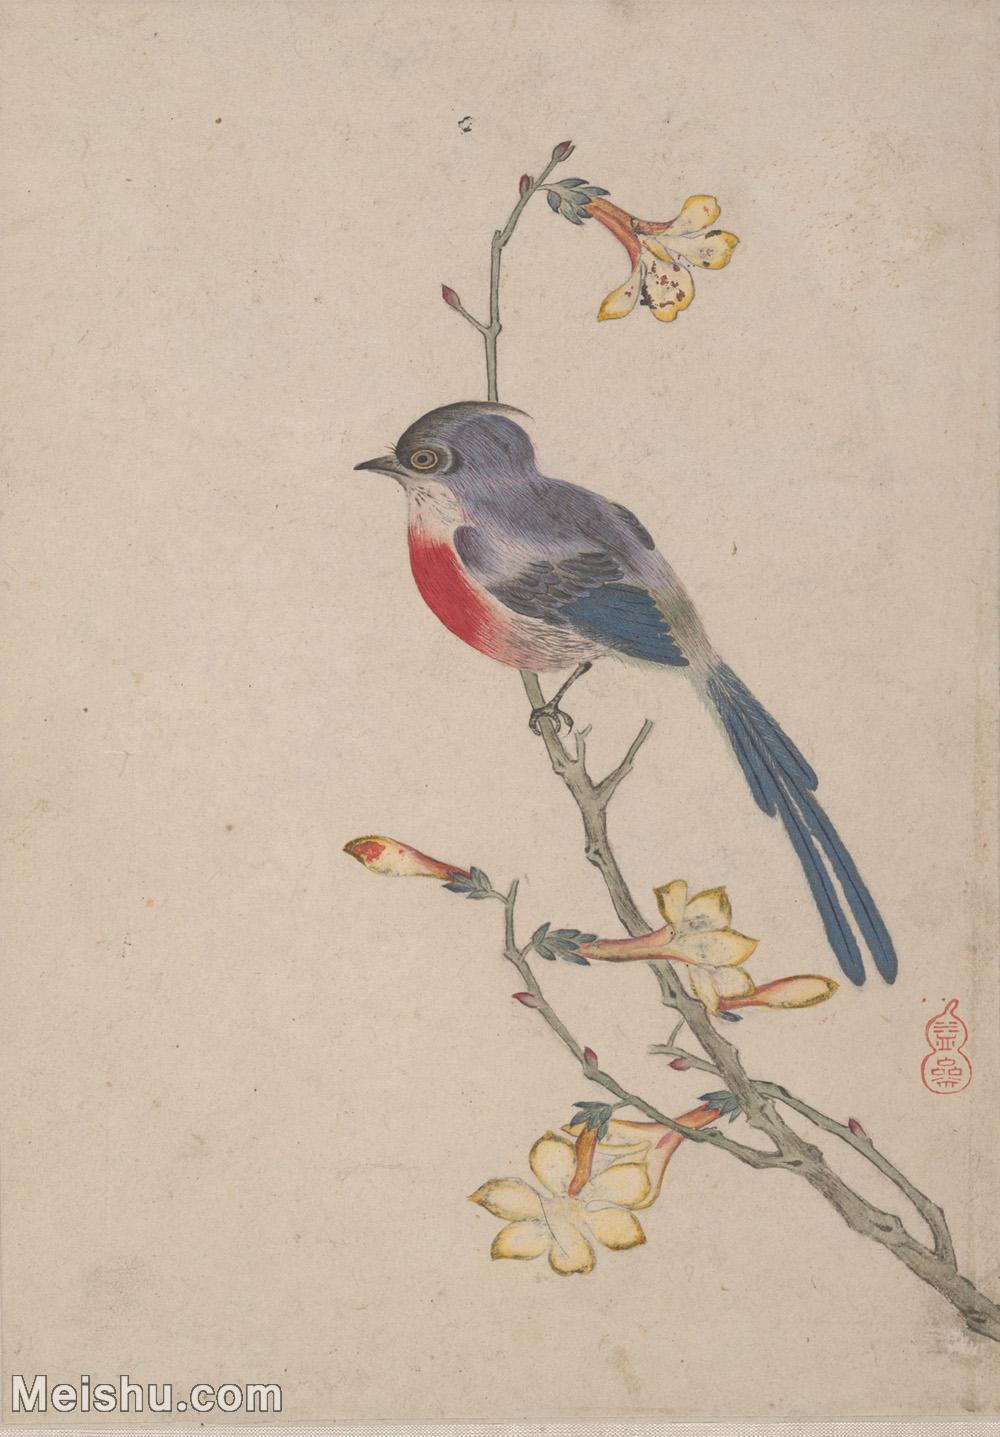 【打印级】GH6062859古画乾隆皇帝御笔花鸟图册1册页图片-26M-2523X3624.jpg